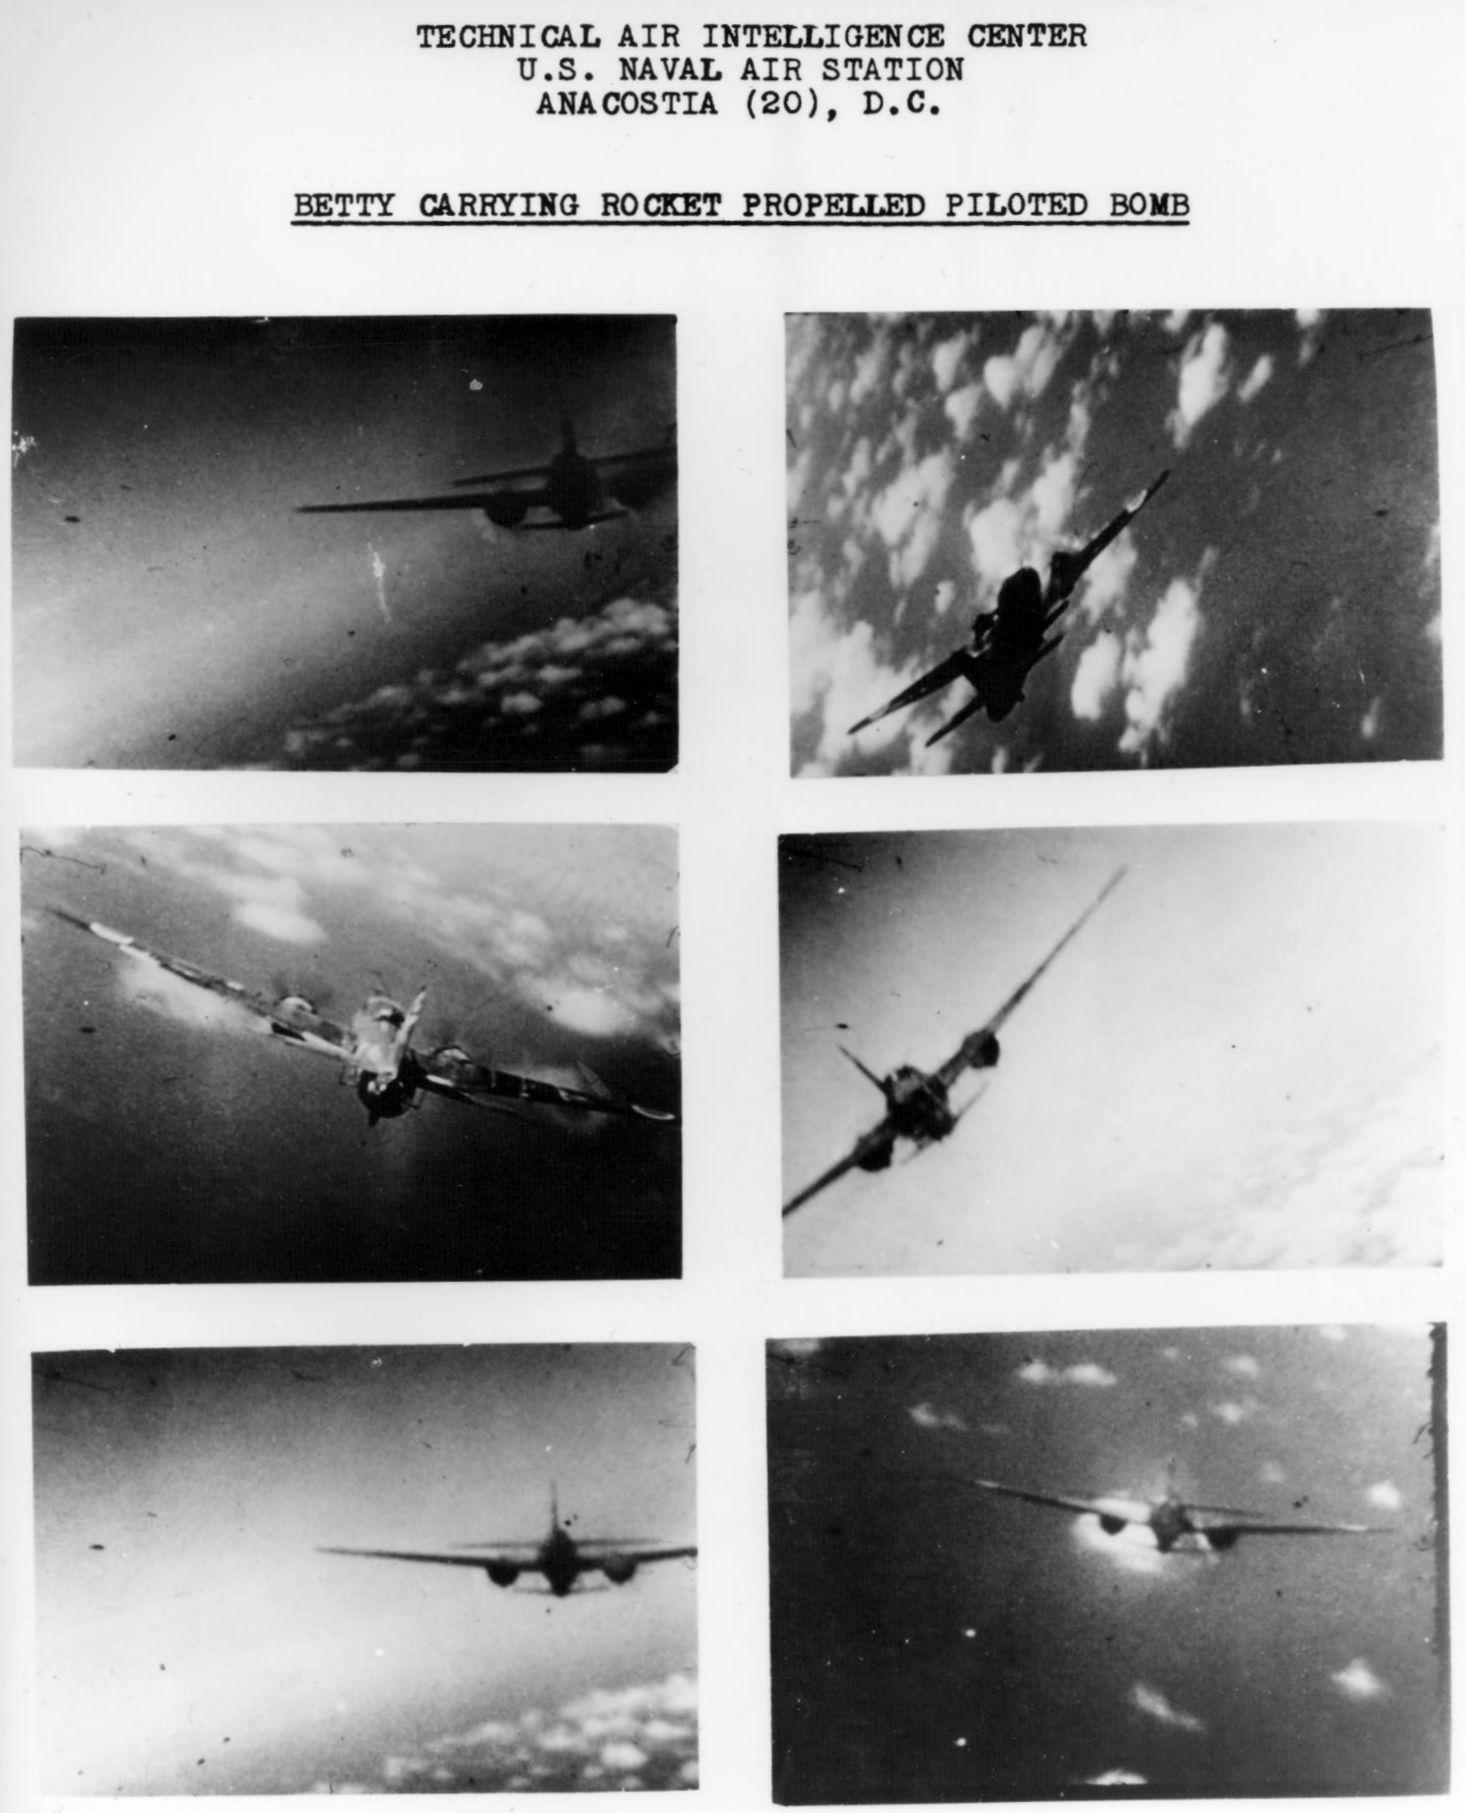 Mitsubishi_G4M2e_with_Okha_under_attack_1945.jpeg (1465×1813)